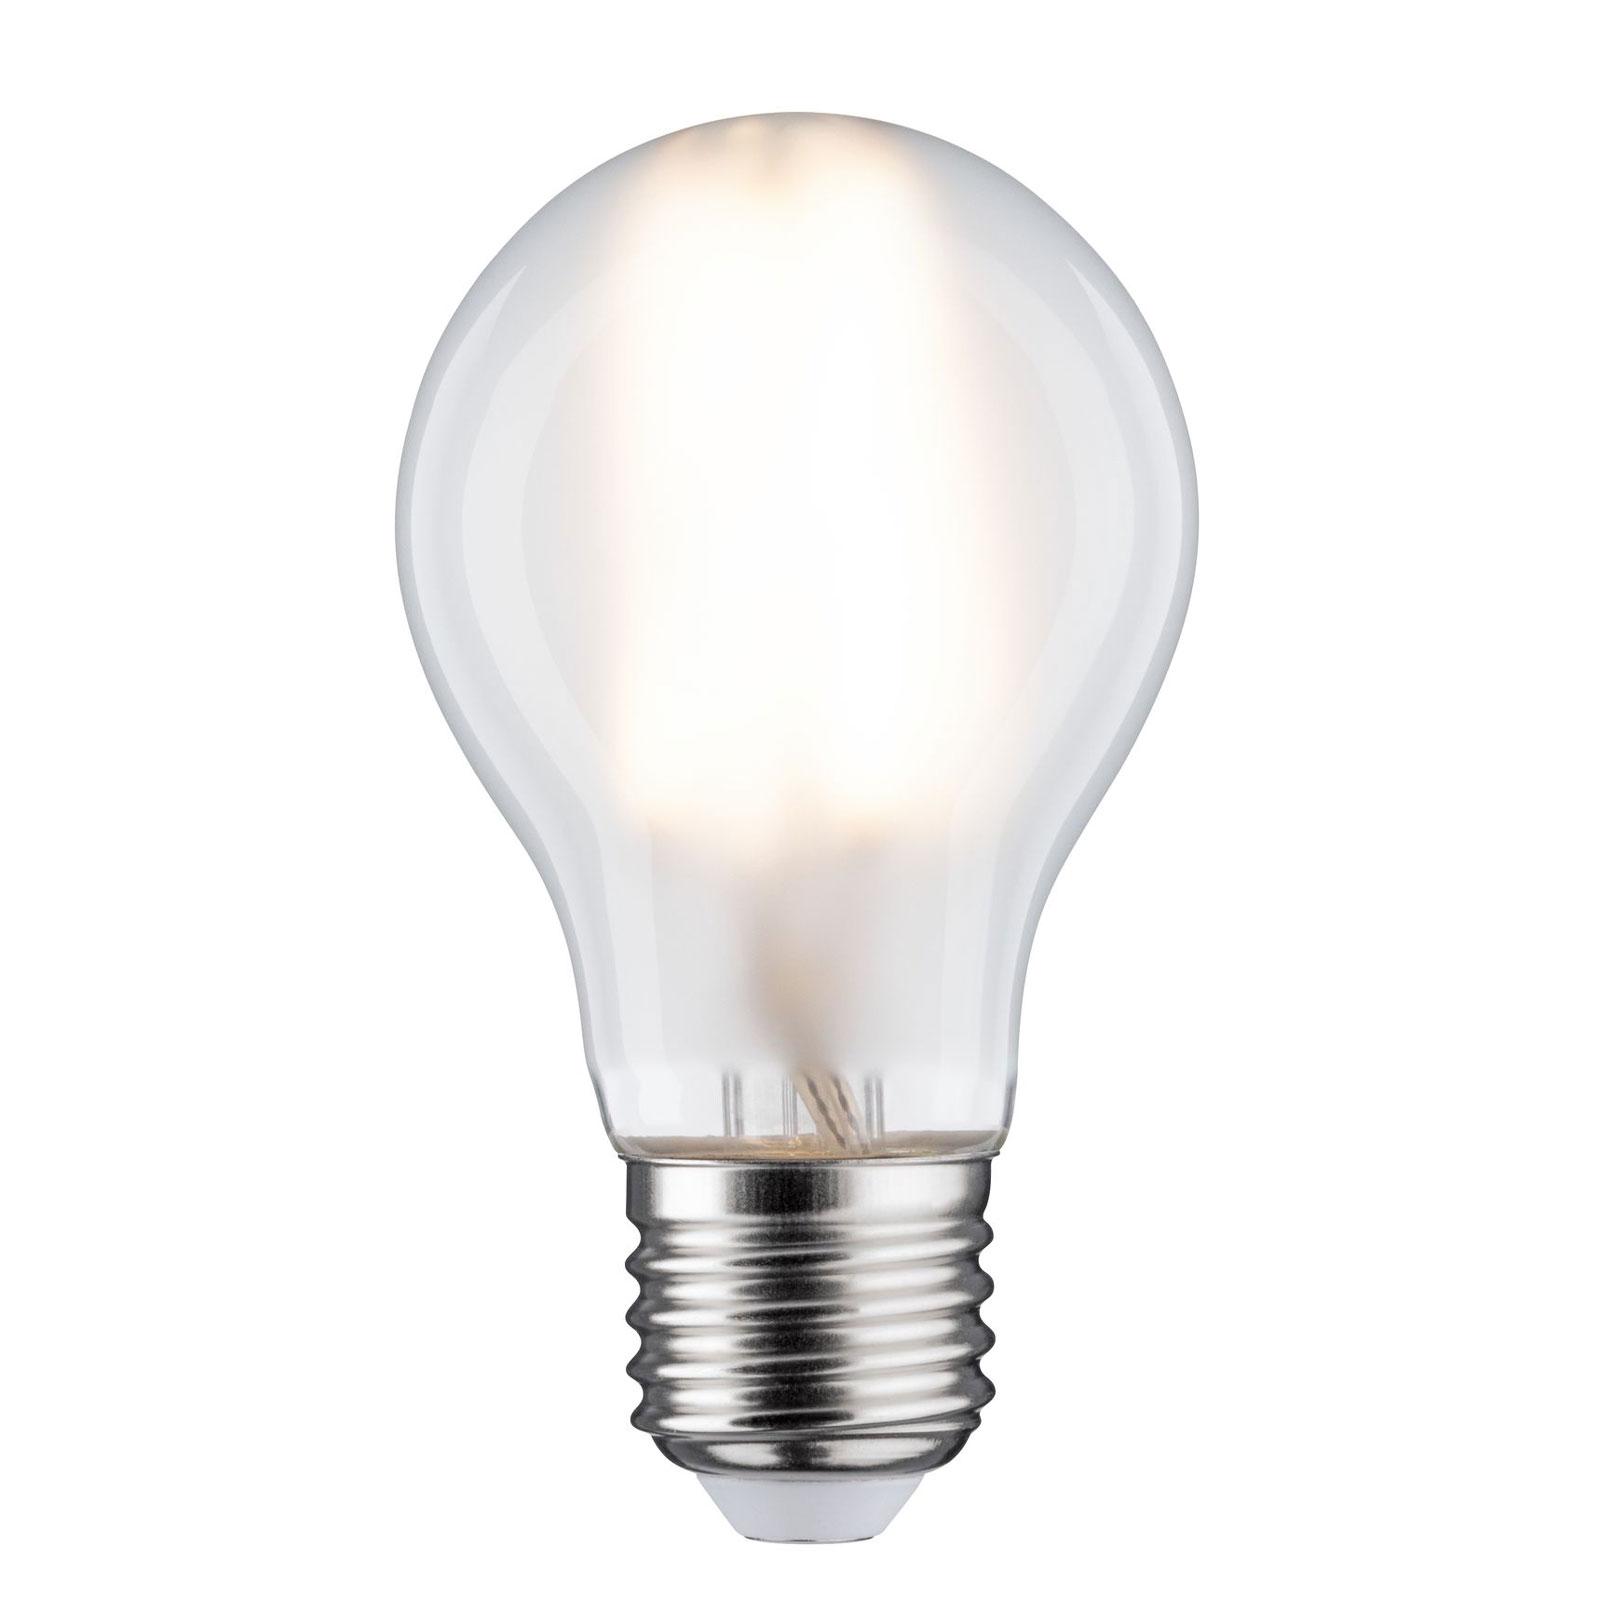 LED-pære E27 9 W 2700 K matt, dimbar